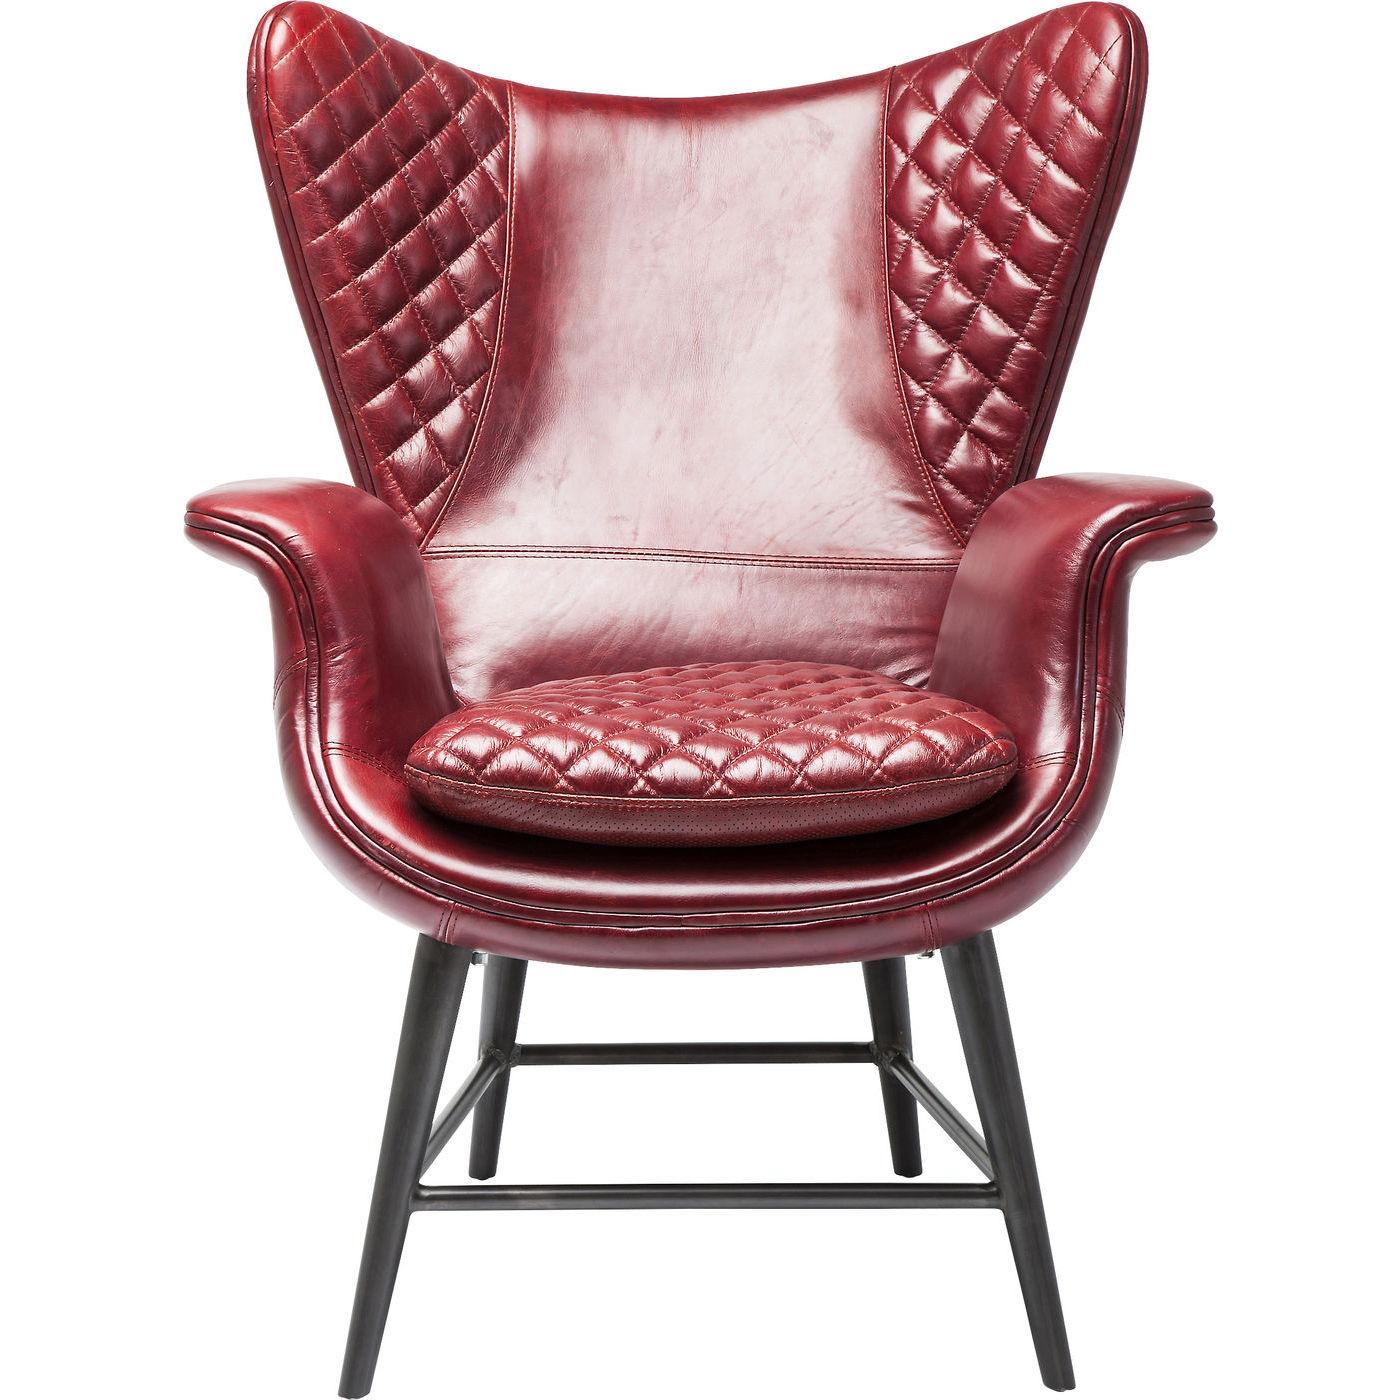 Billede af Kare Design Hvilestol m. Armlæn, Tudor Red Leather